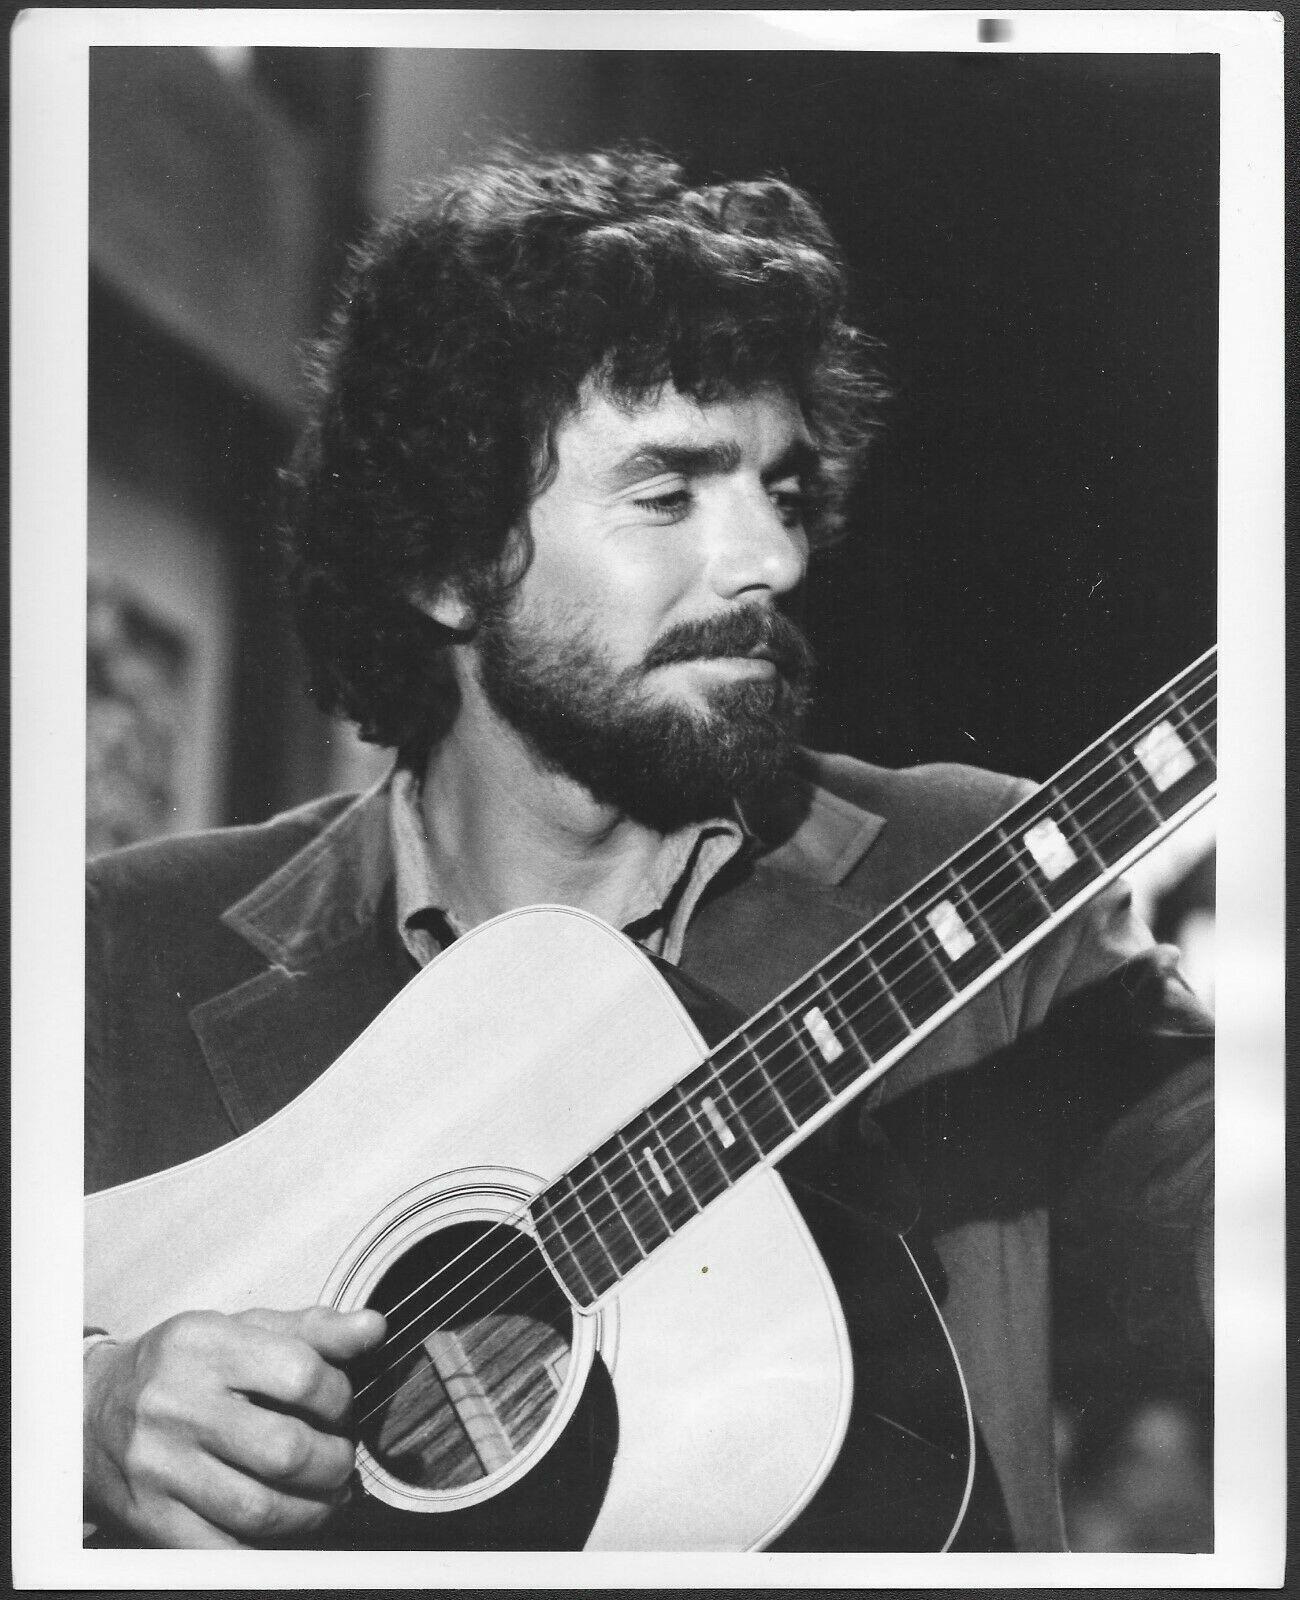 David Birney in Serpico (1976)